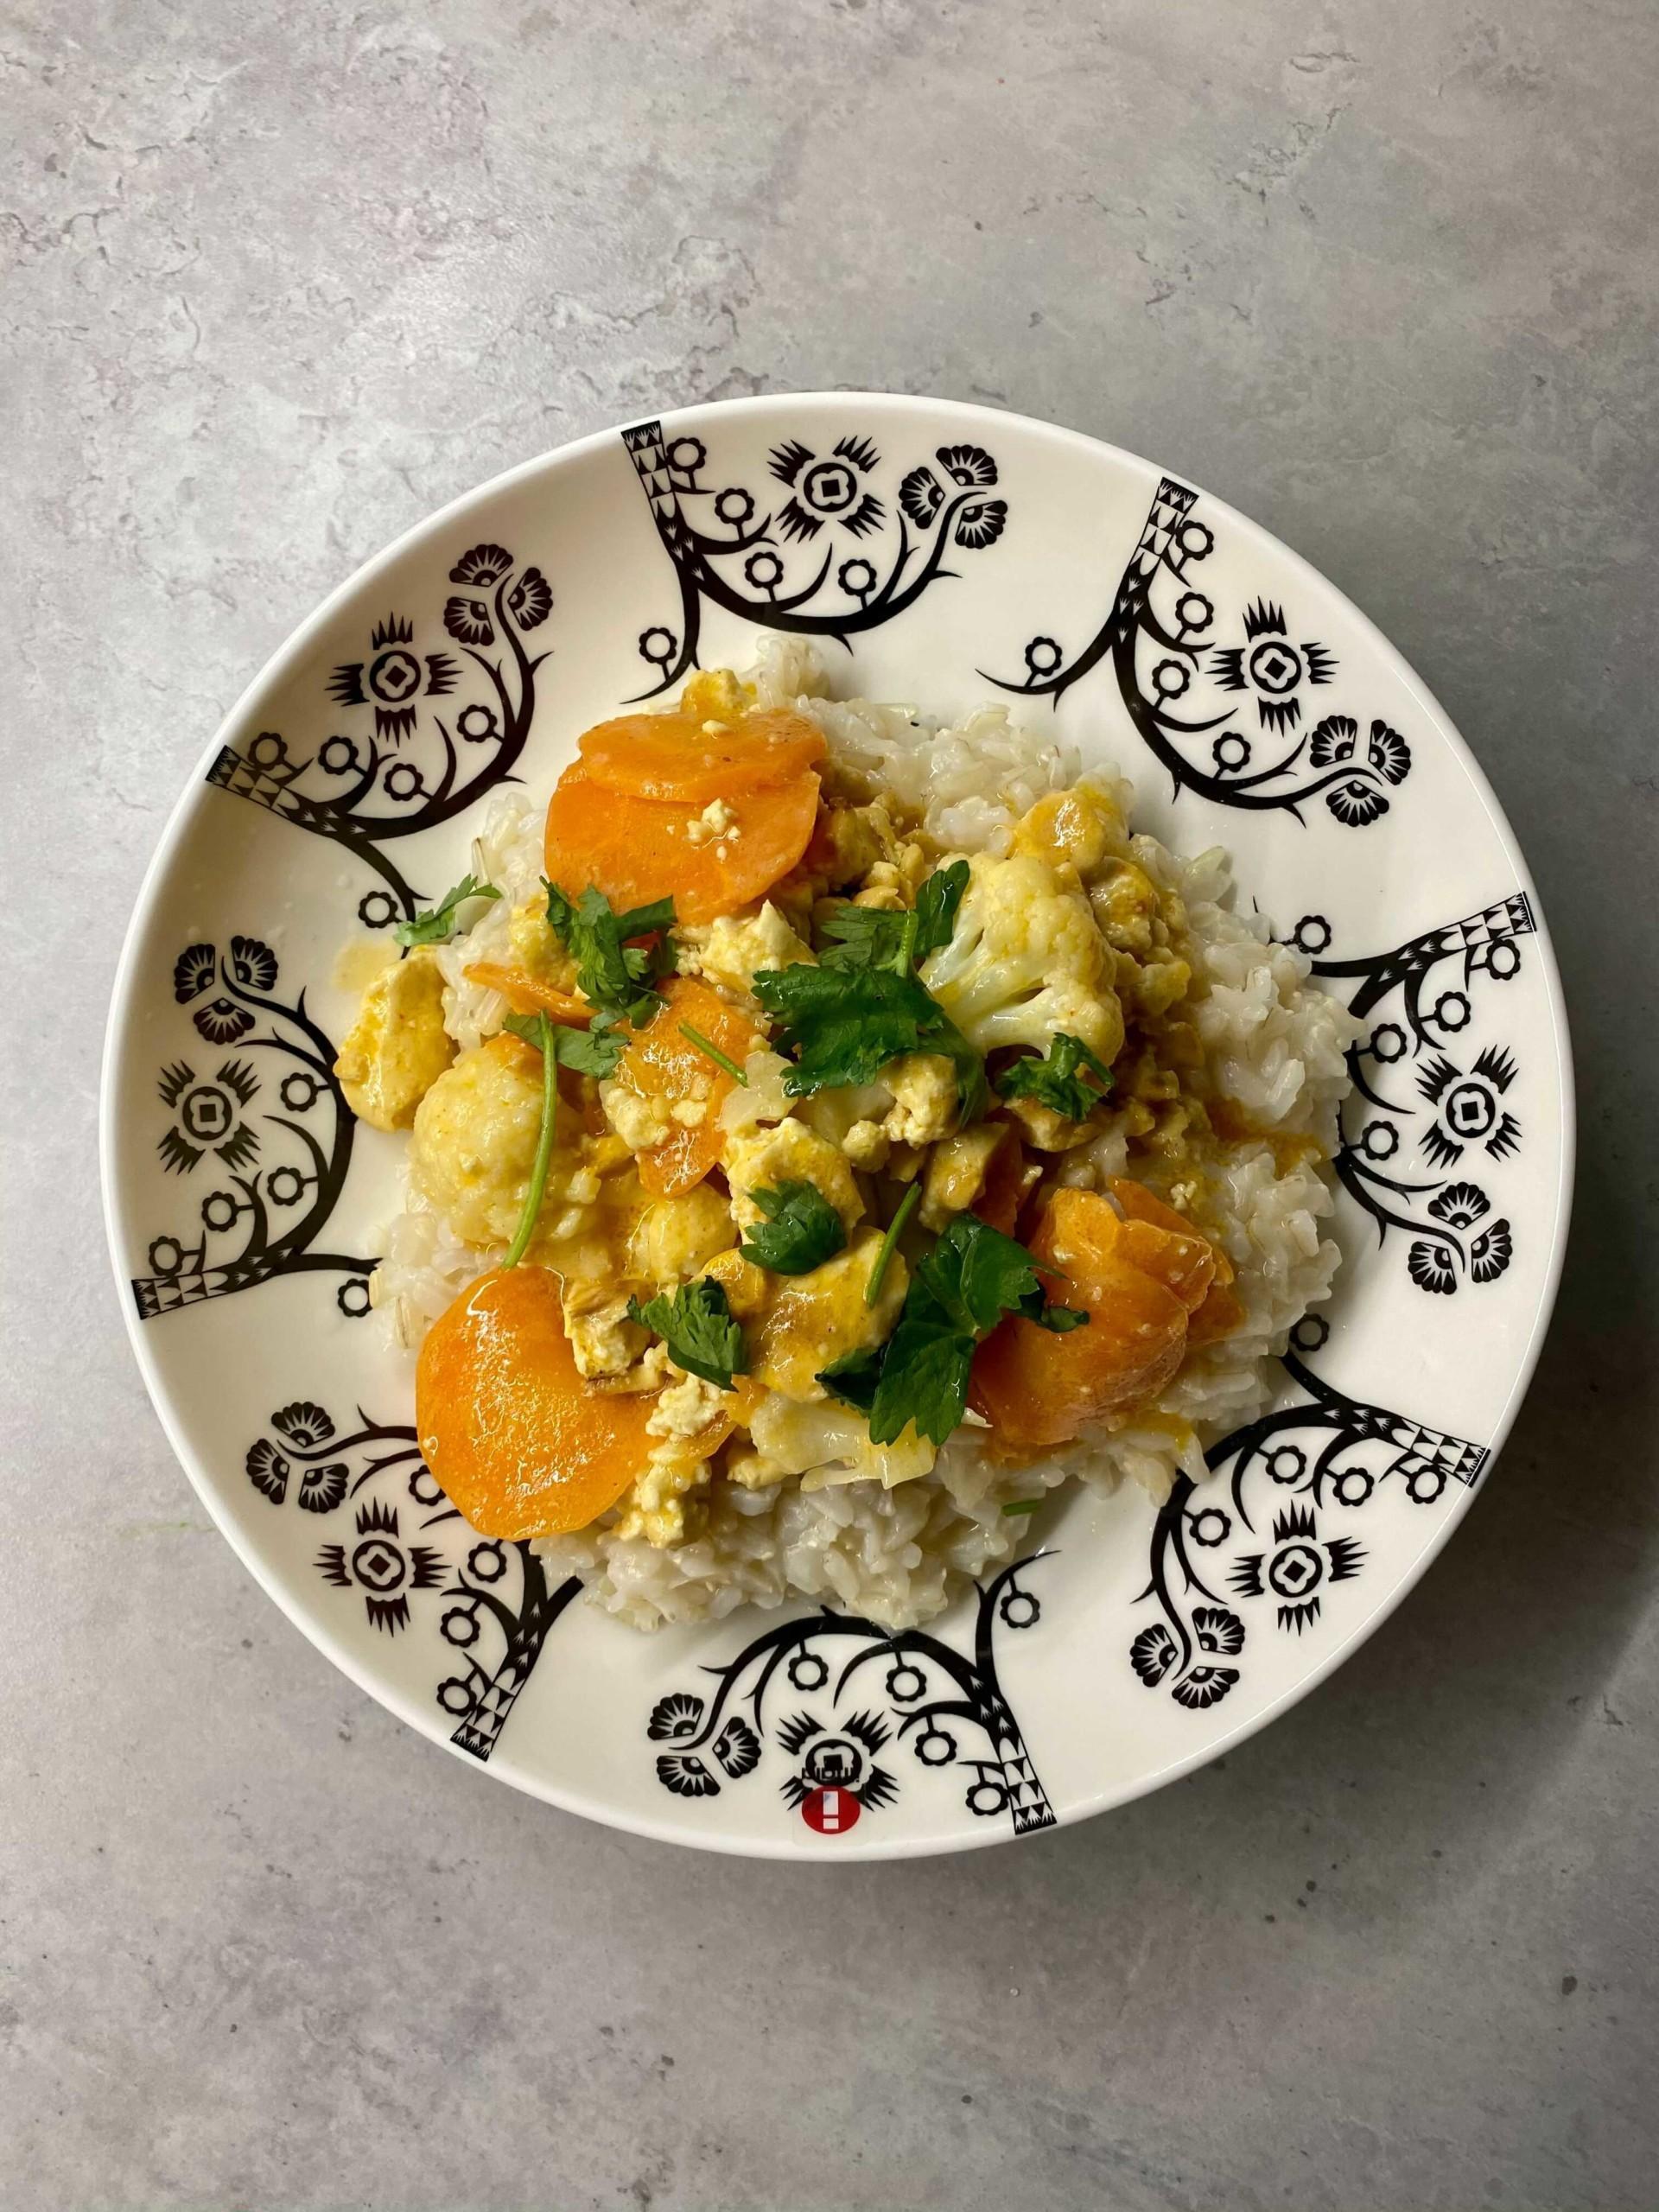 Sannan ruokakassin reseptin ja ainesten avulla eecolaiset loihtivat kasviscurryn.